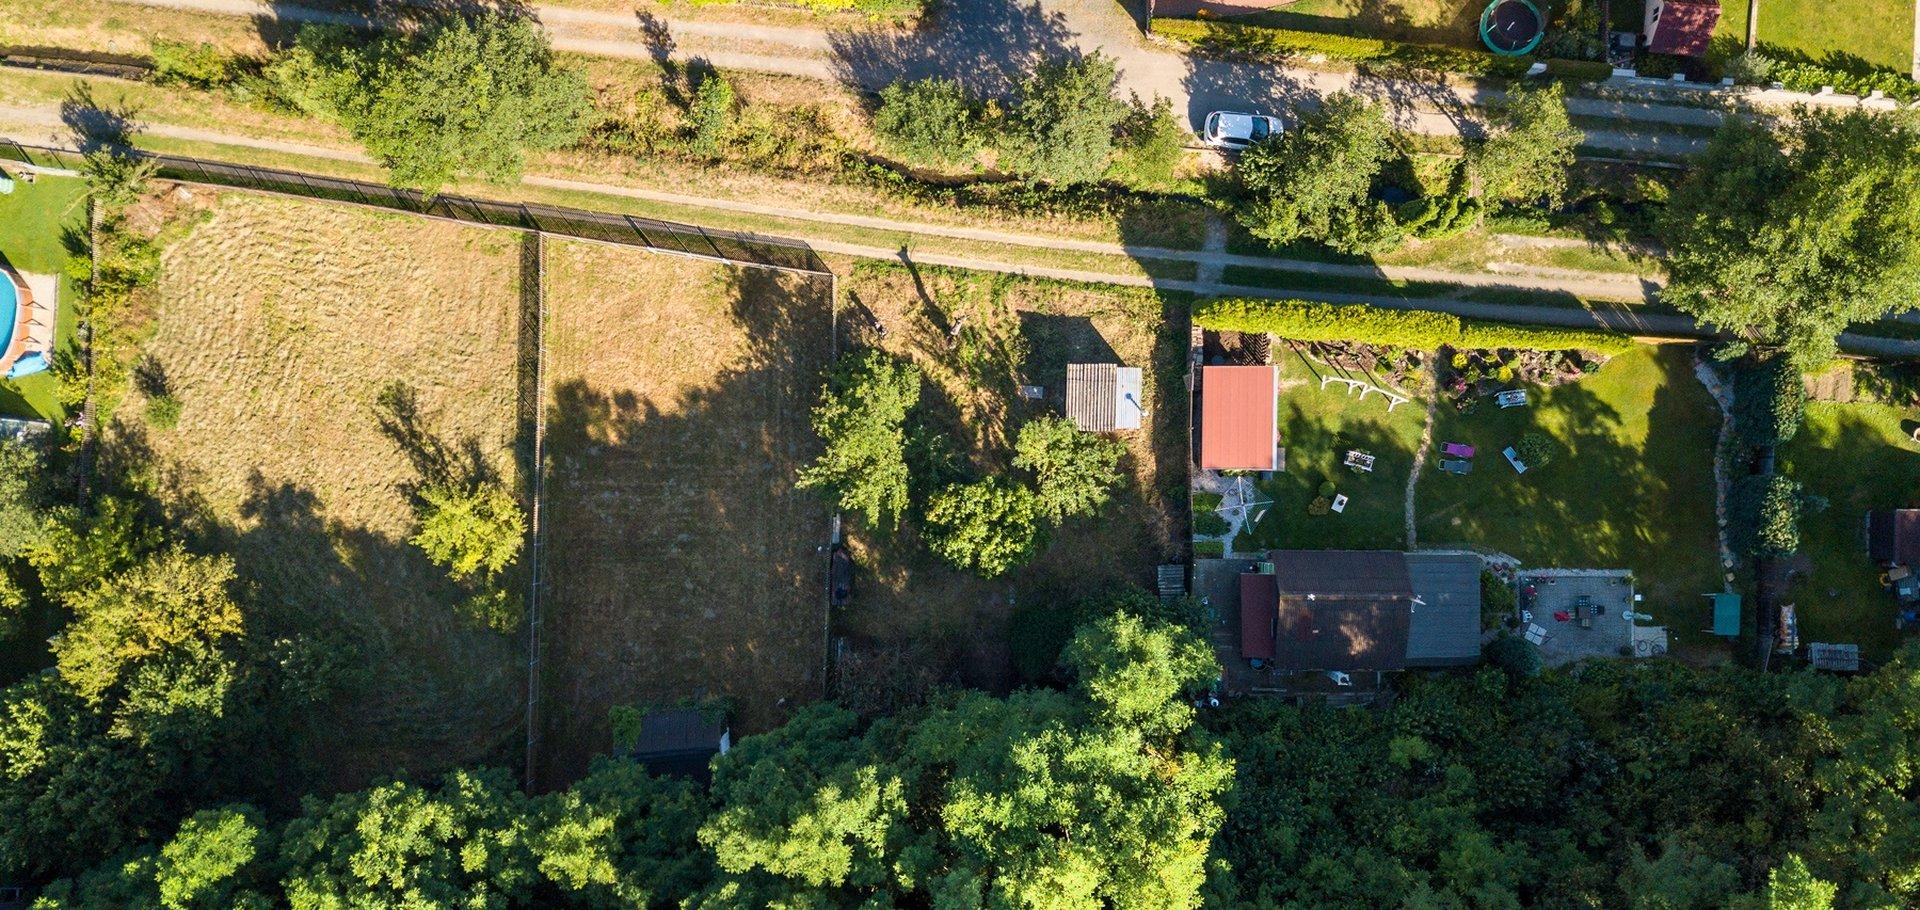 Prodej zahrady 394 m2 Plzeň Božkov